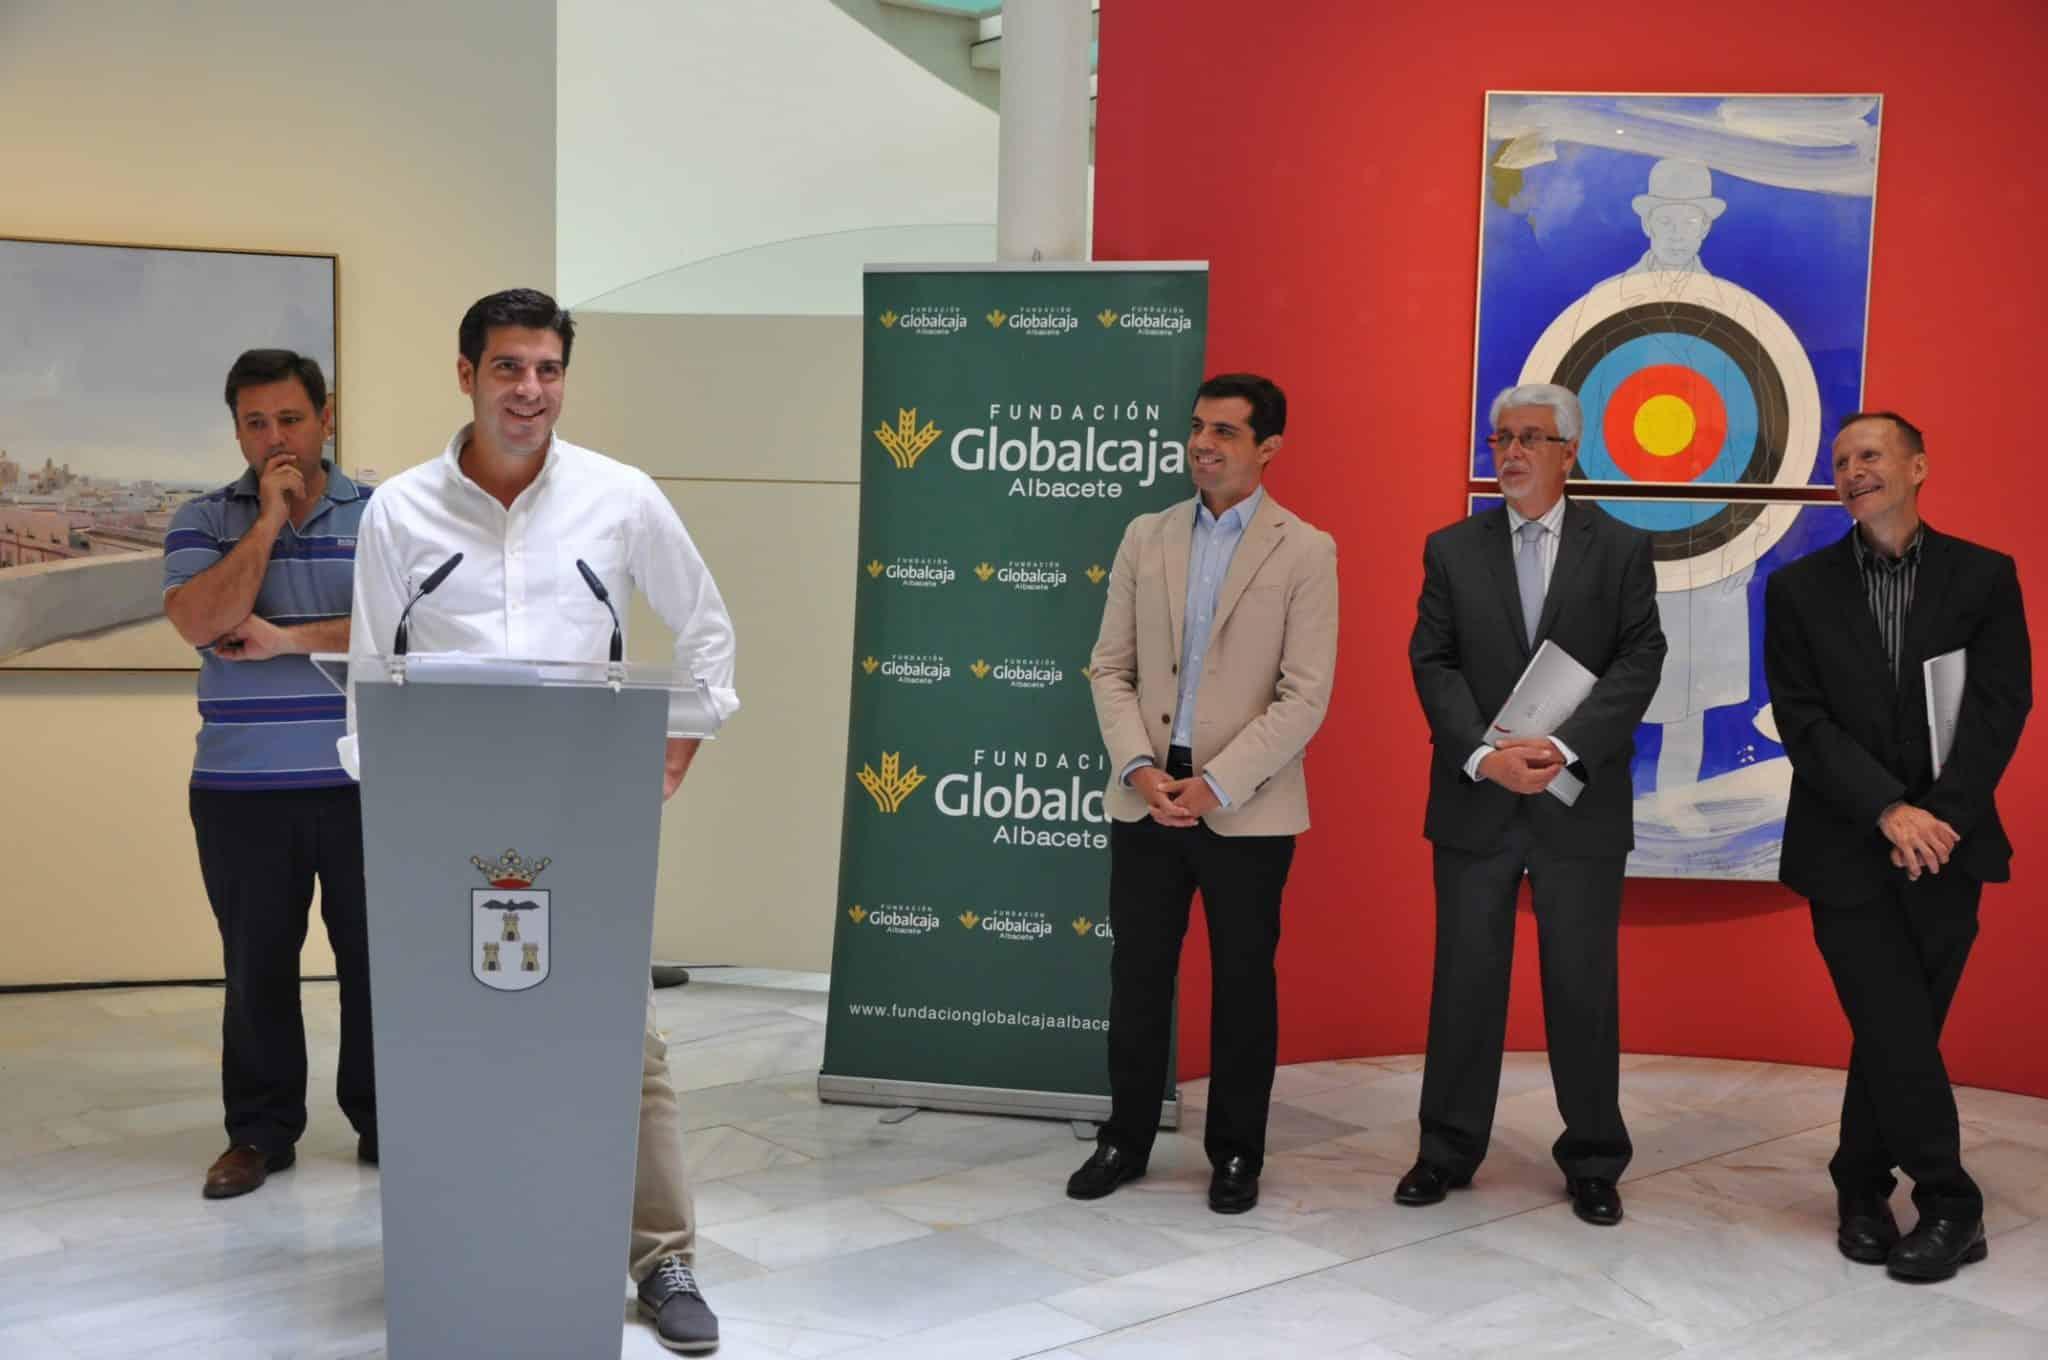 La Fundación Globalcaja Albacete, presente en la XII Bienal de Pintura